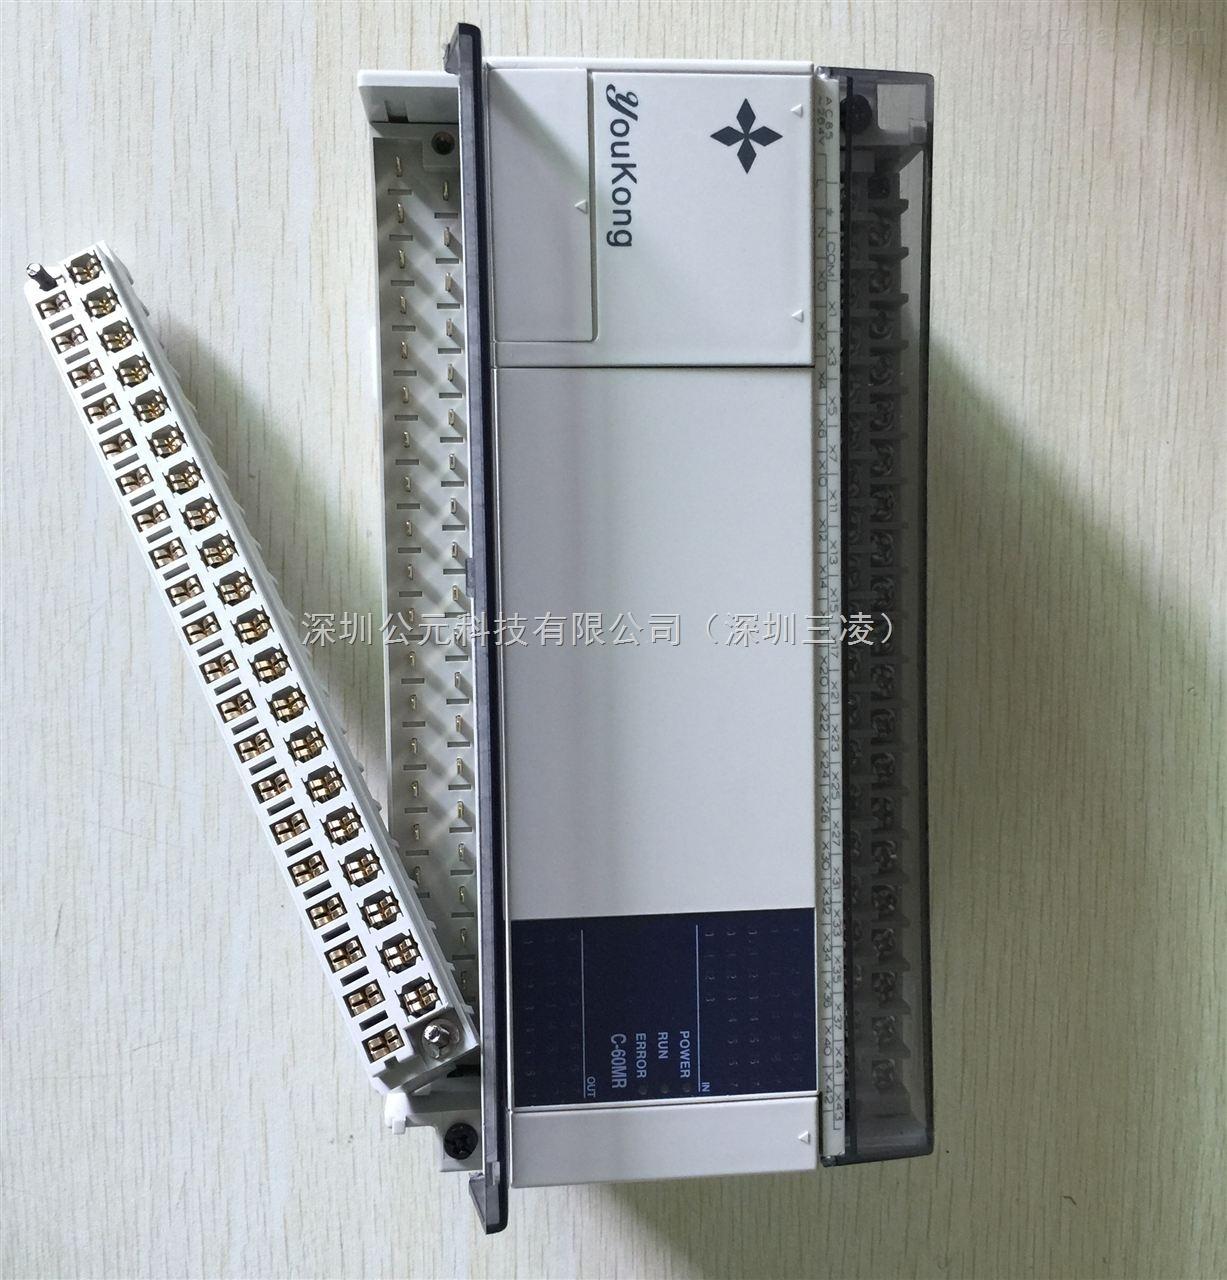 优控C-60MRPLC控制器(兼容台达软件)